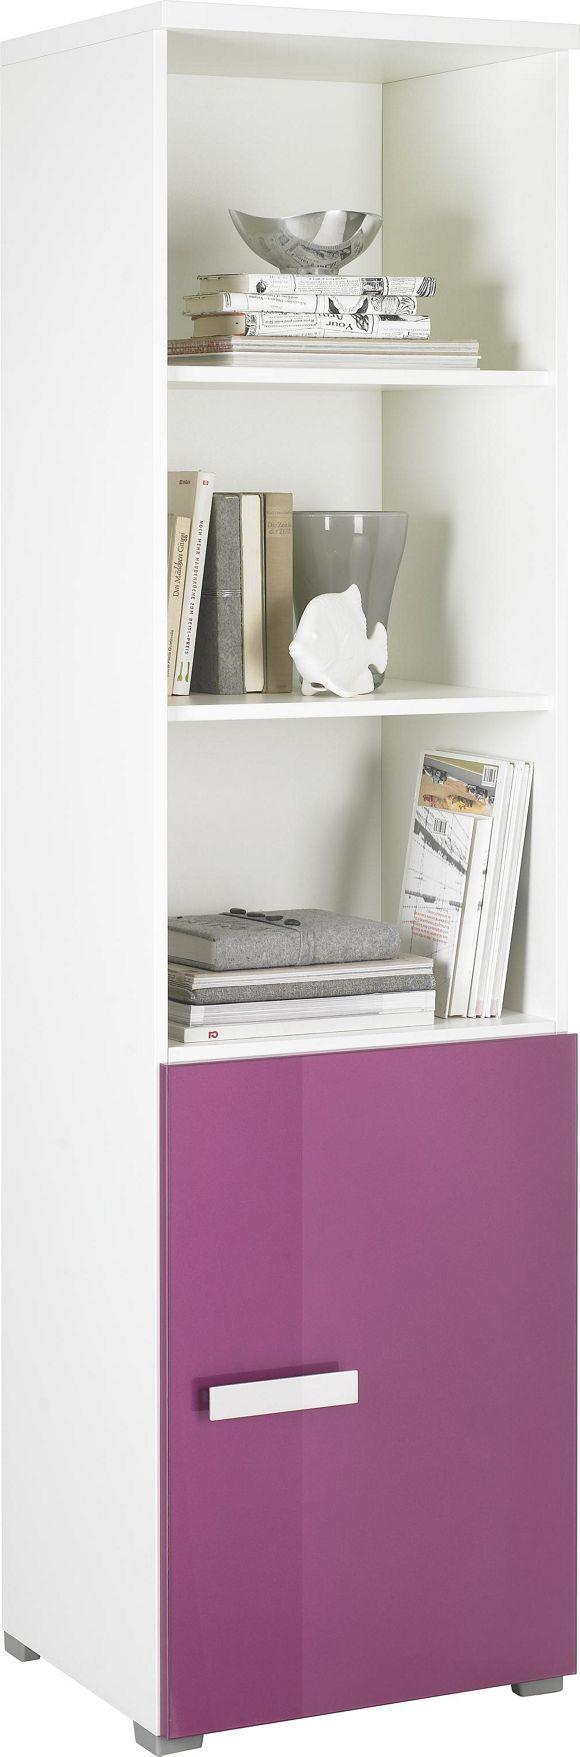 """Zusätzlichen Platz in Ihren vier Wänden schenkt Ihnen dieses Regal aus der Serie """"Change Plus"""". Das Möbel aus robustem Holzwerkstoff ist in einem angenehmen Weiß gehalten. Die Tür in Lila hebt sich gekonnt von dem Korpus ab und setzt einen originellen Akzent. Auf 3 Einlegeböden bringen Sie Bücher und Deko, wie etwa Bilderrahmen oder Skulpturen, unter. Die Tür schützt Ihre Lieblingsfotoalben oder wichtige Dokumente zuverlässig. Ein Regal, das Ihre stilgerechte Wohne"""